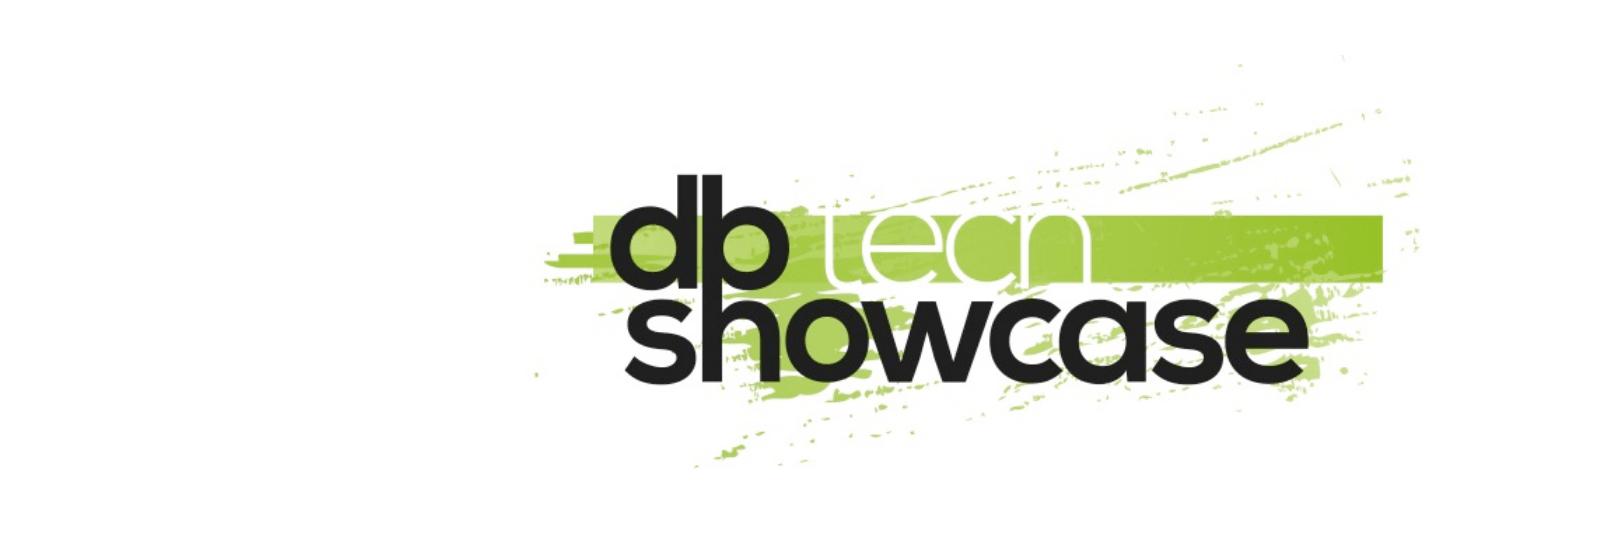 db tech showcase Tokyo 2012